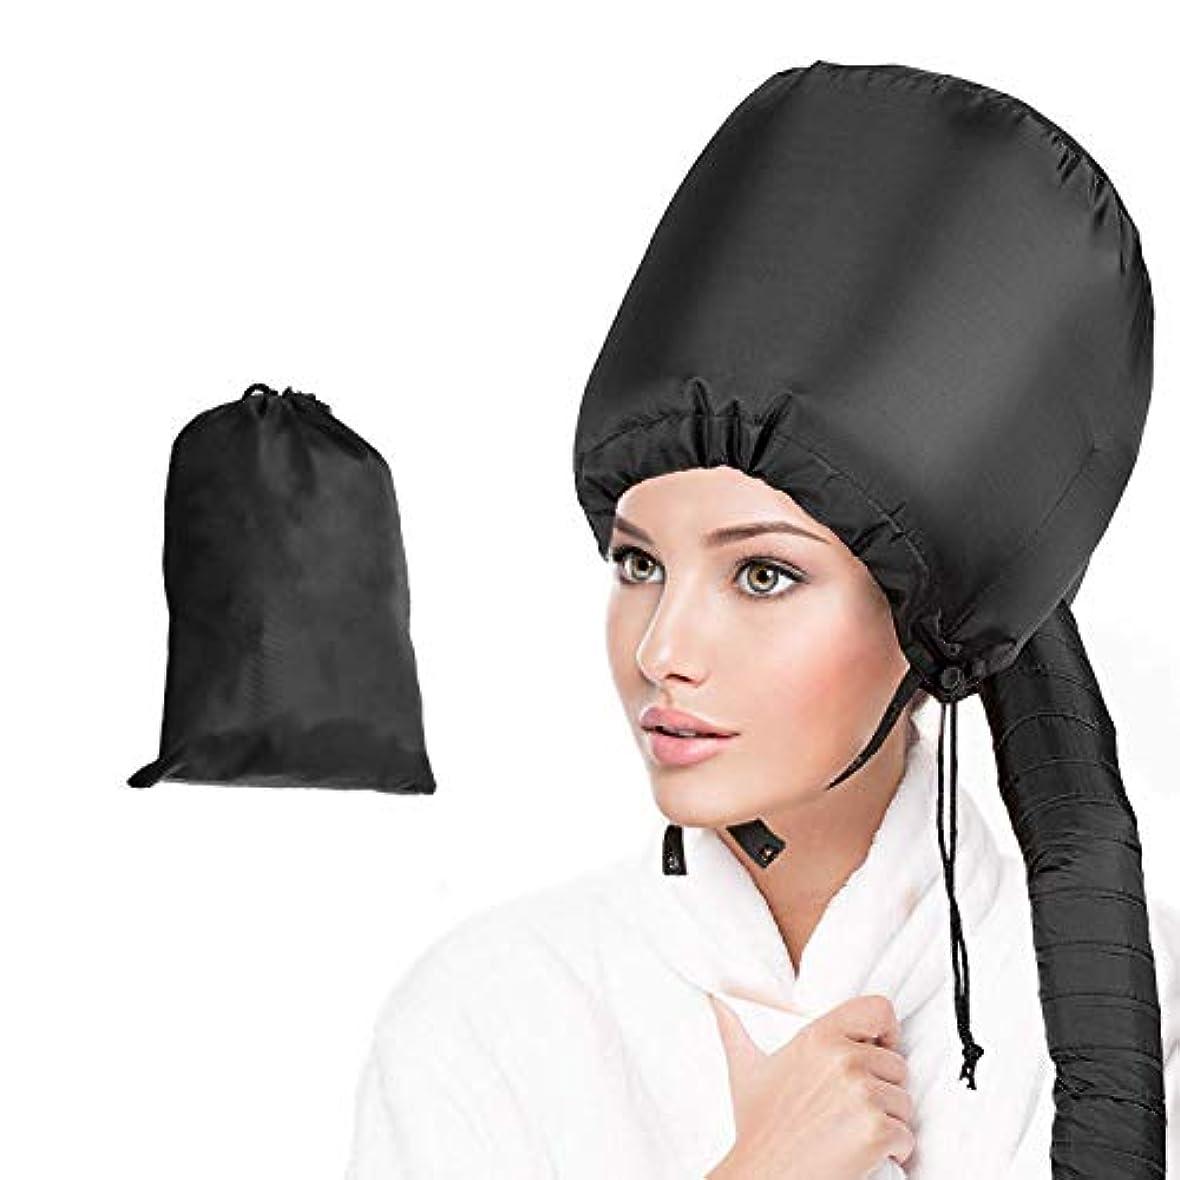 崖姿を消す冷凍庫Weanas ヘアドライヤーキャップ 髪干し帽子 髪ケア ホームサロン 携帯収納ケース付き